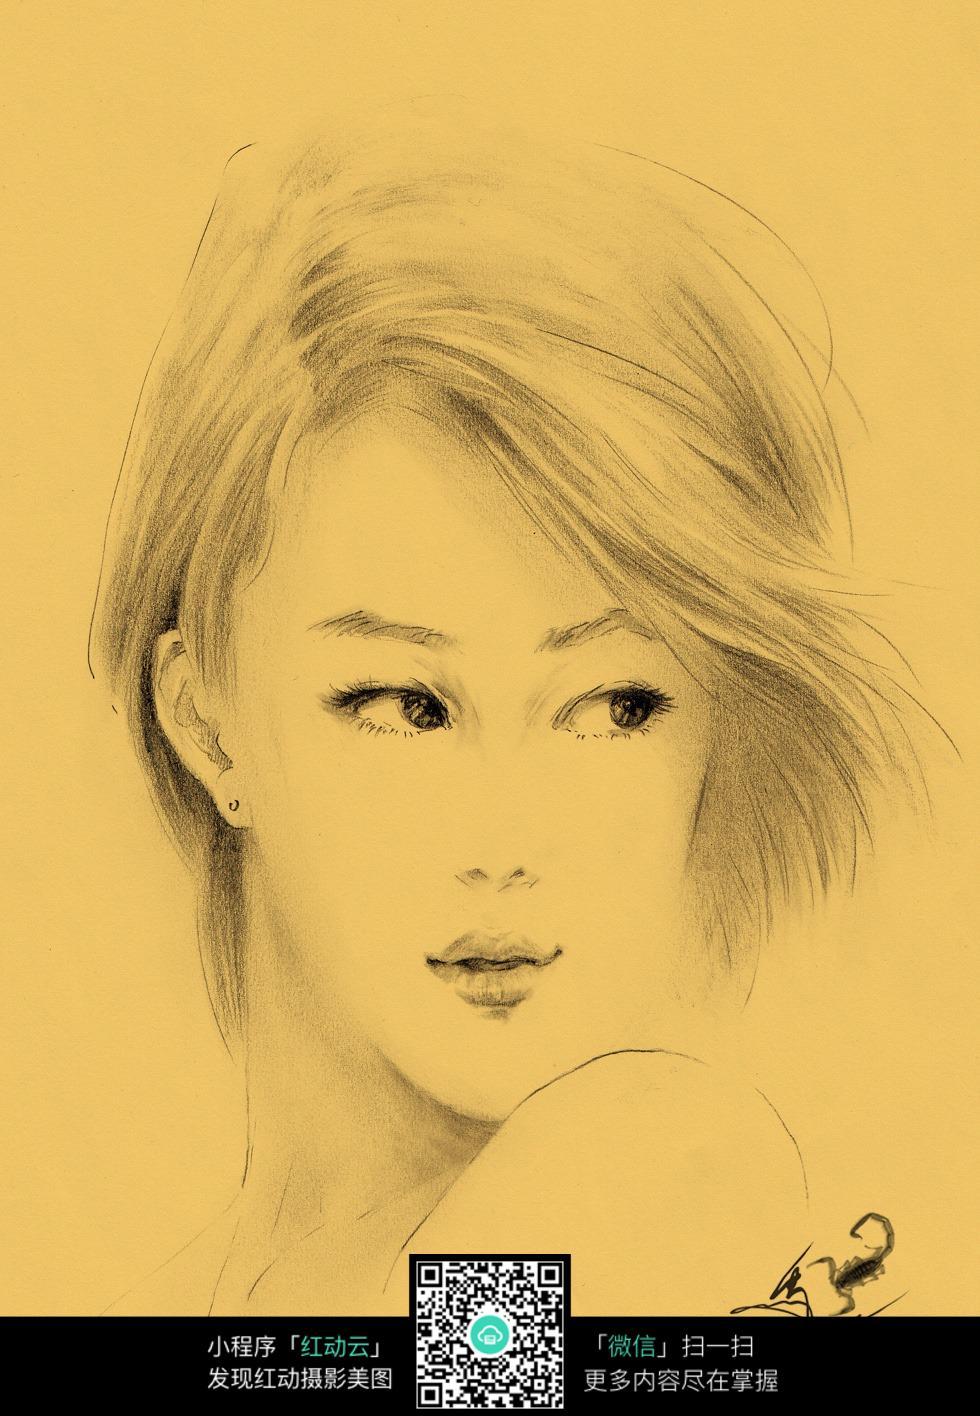 女孩侧颜素描画